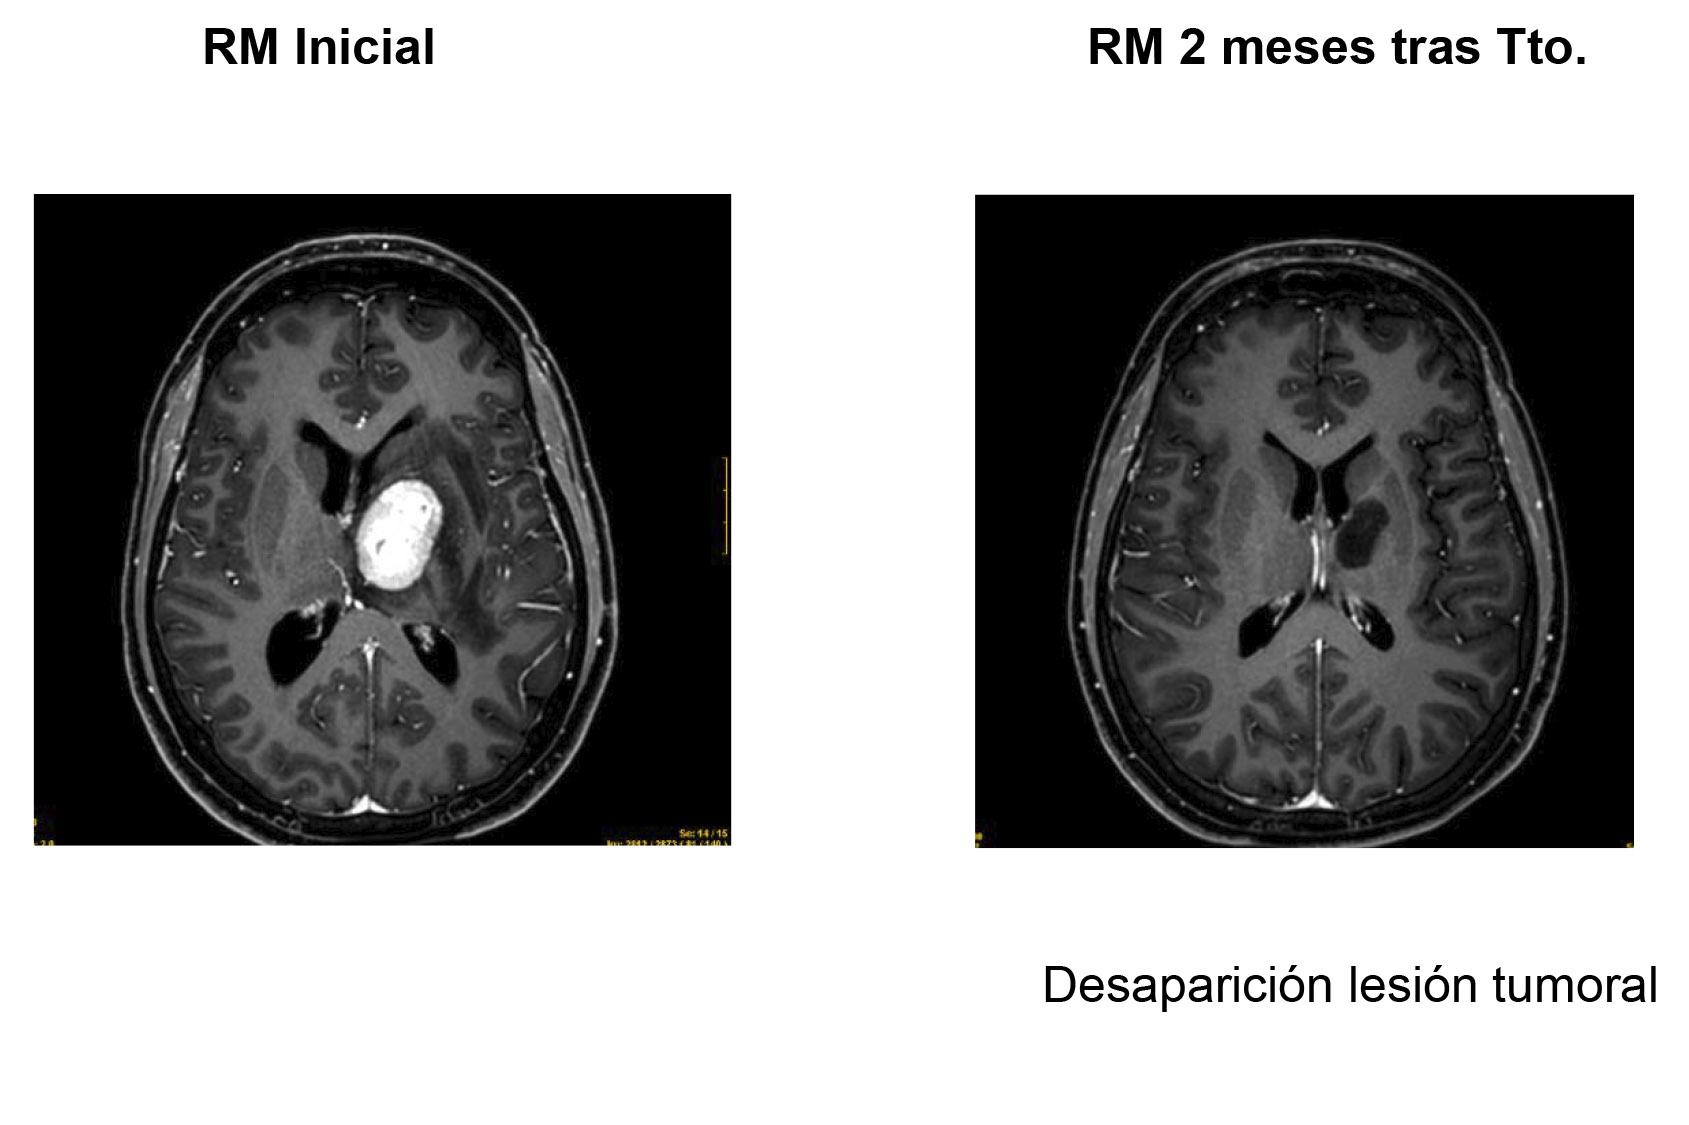 Valdecilla comienza a aplicar tratamientos de radiocirugía en tumores y anormalidades funcionales cerebrales